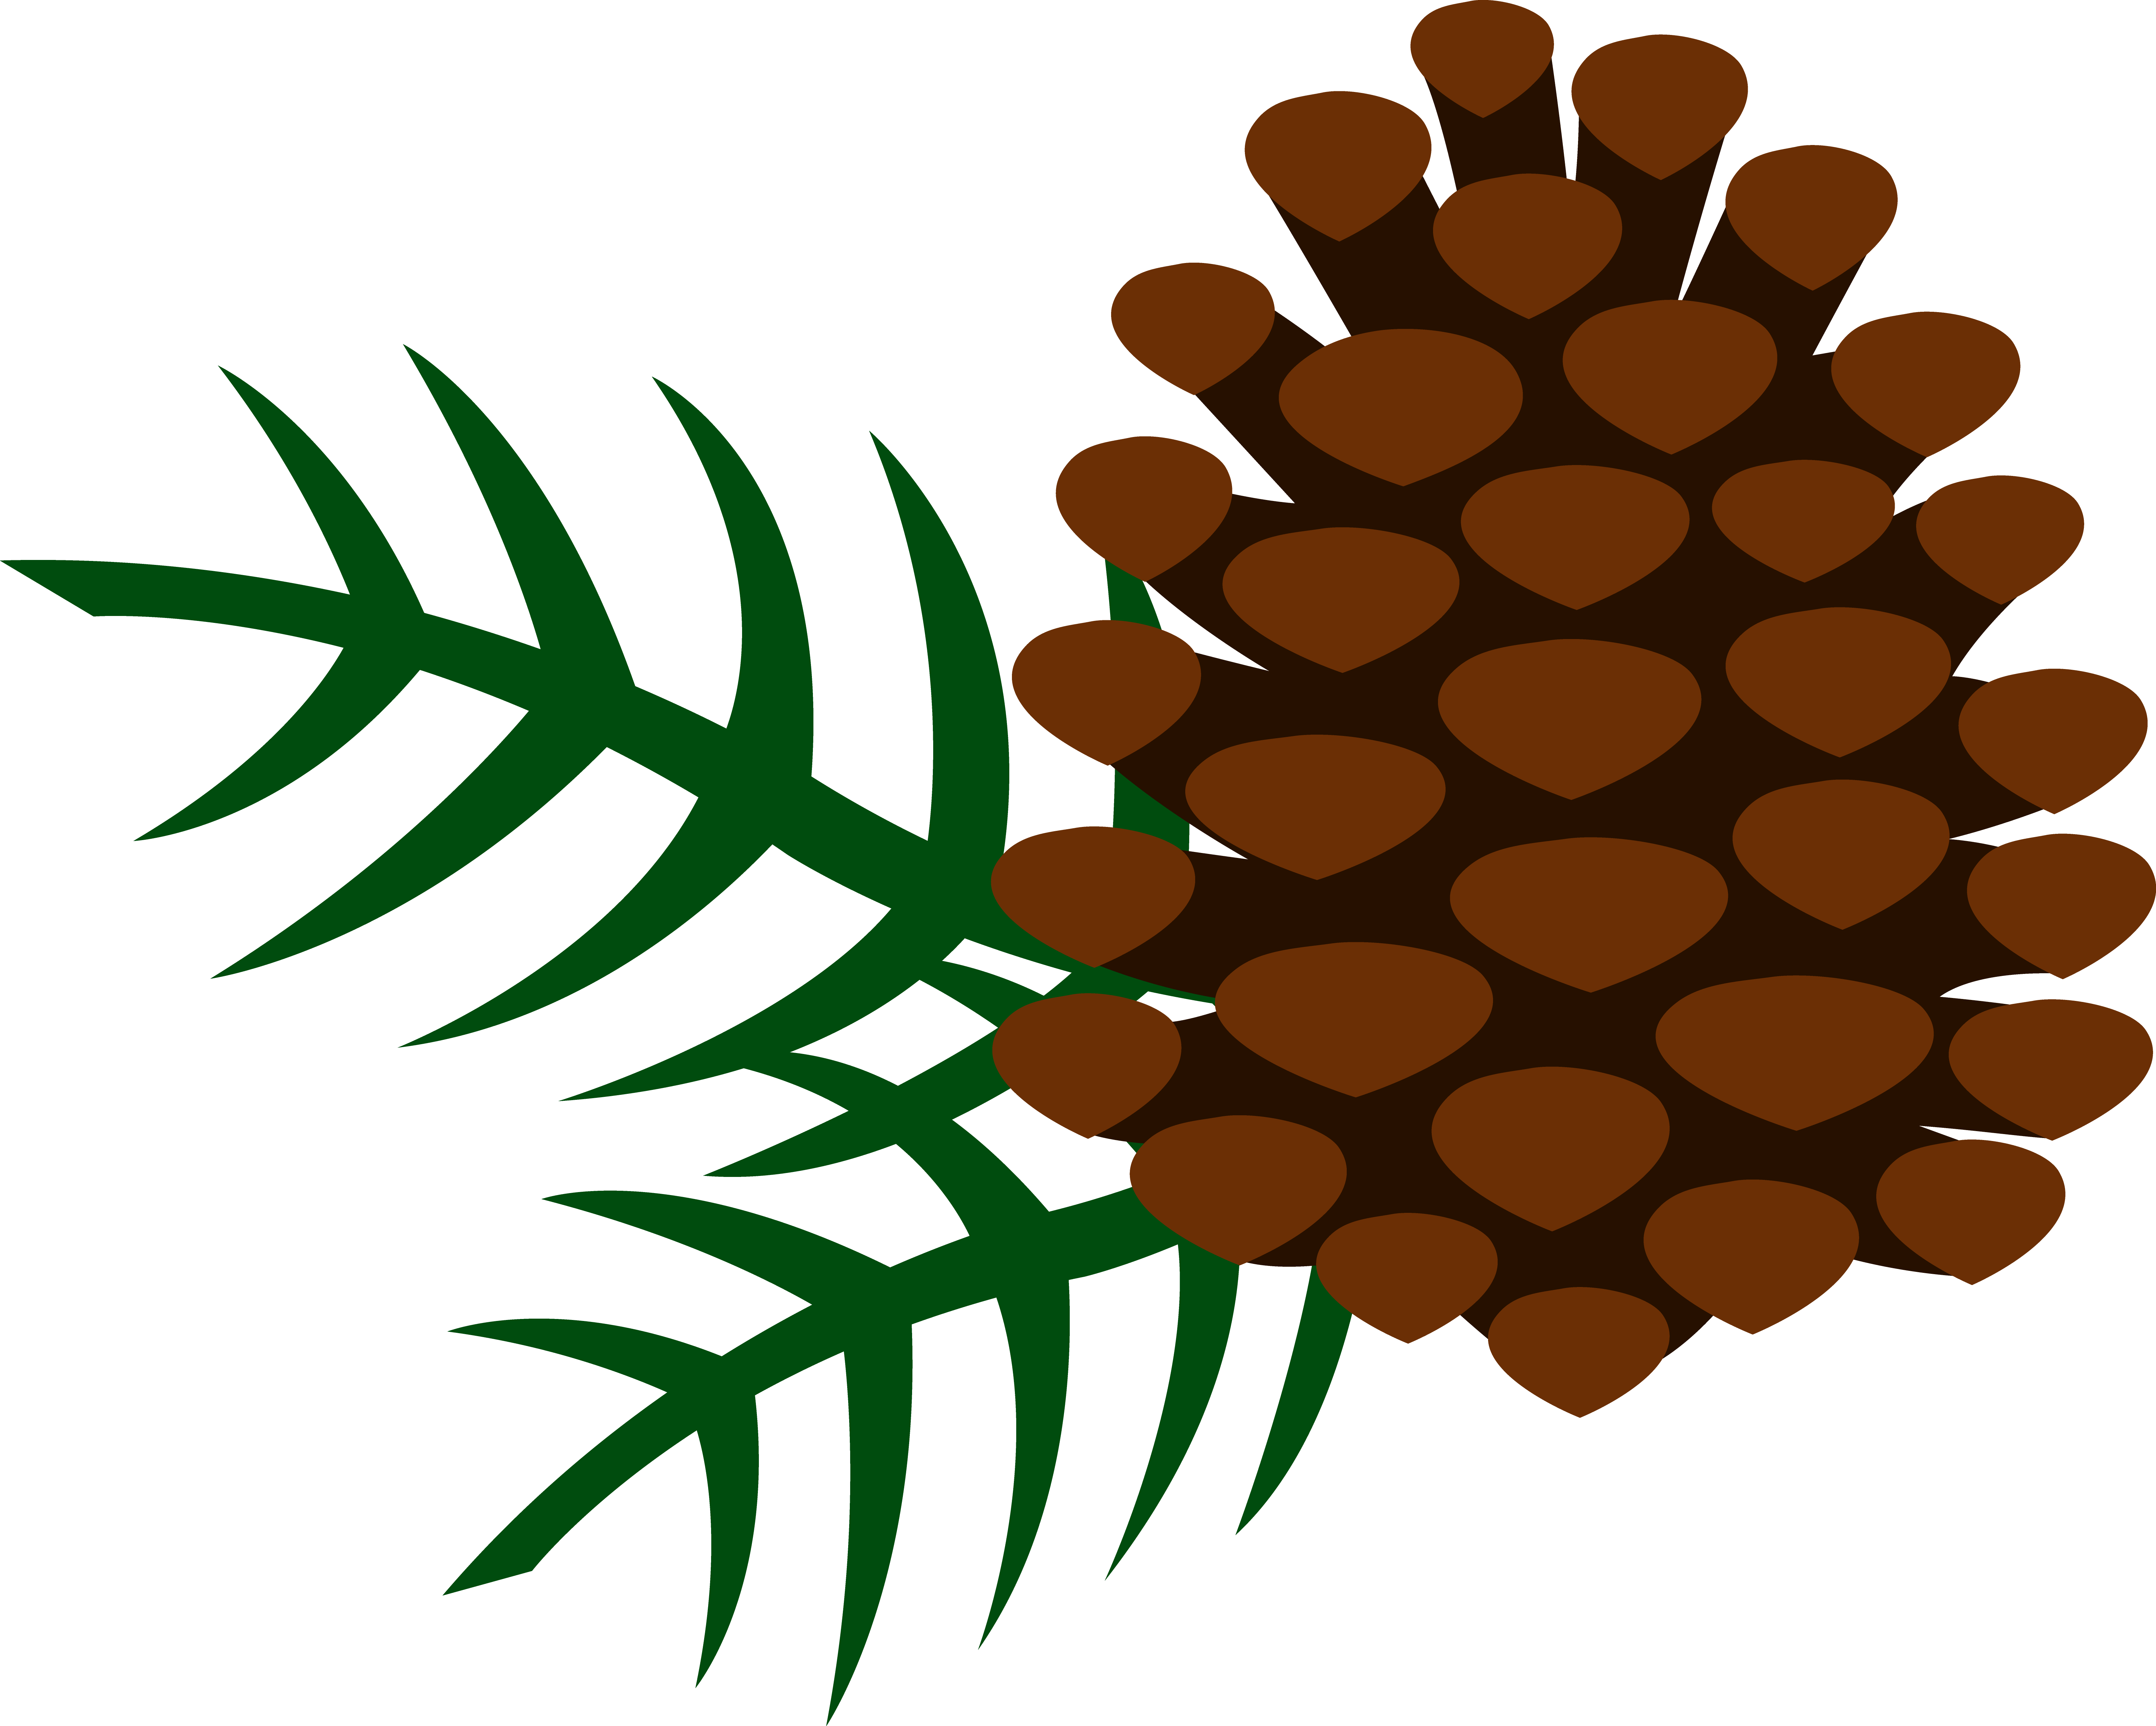 6543x5237 Pine Cones Pine Cone And Pine Needles